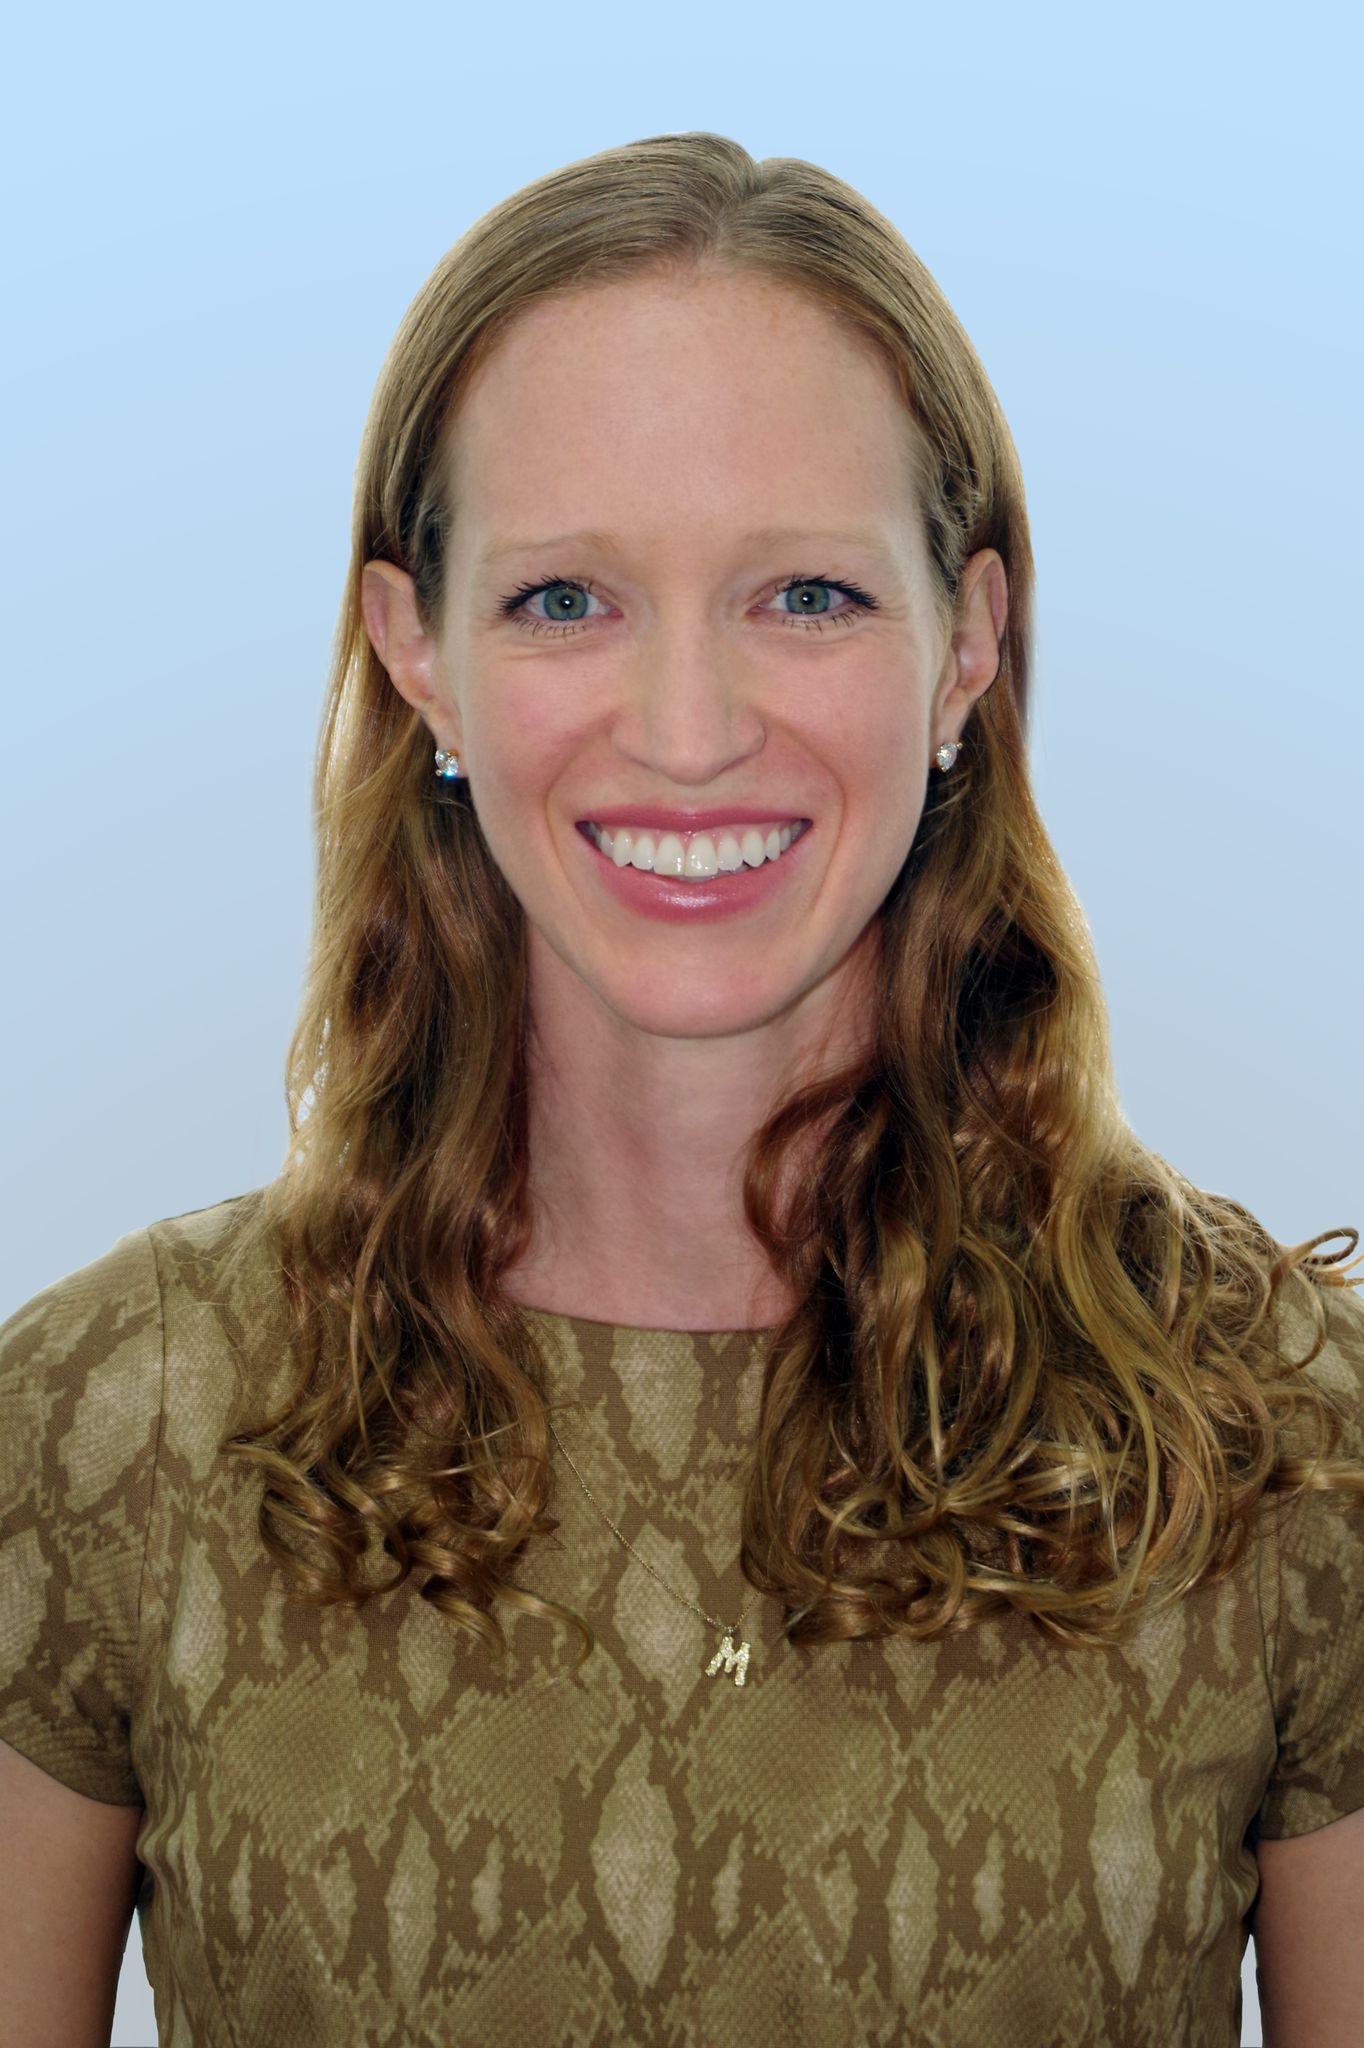 Megan Elizabeth Gray